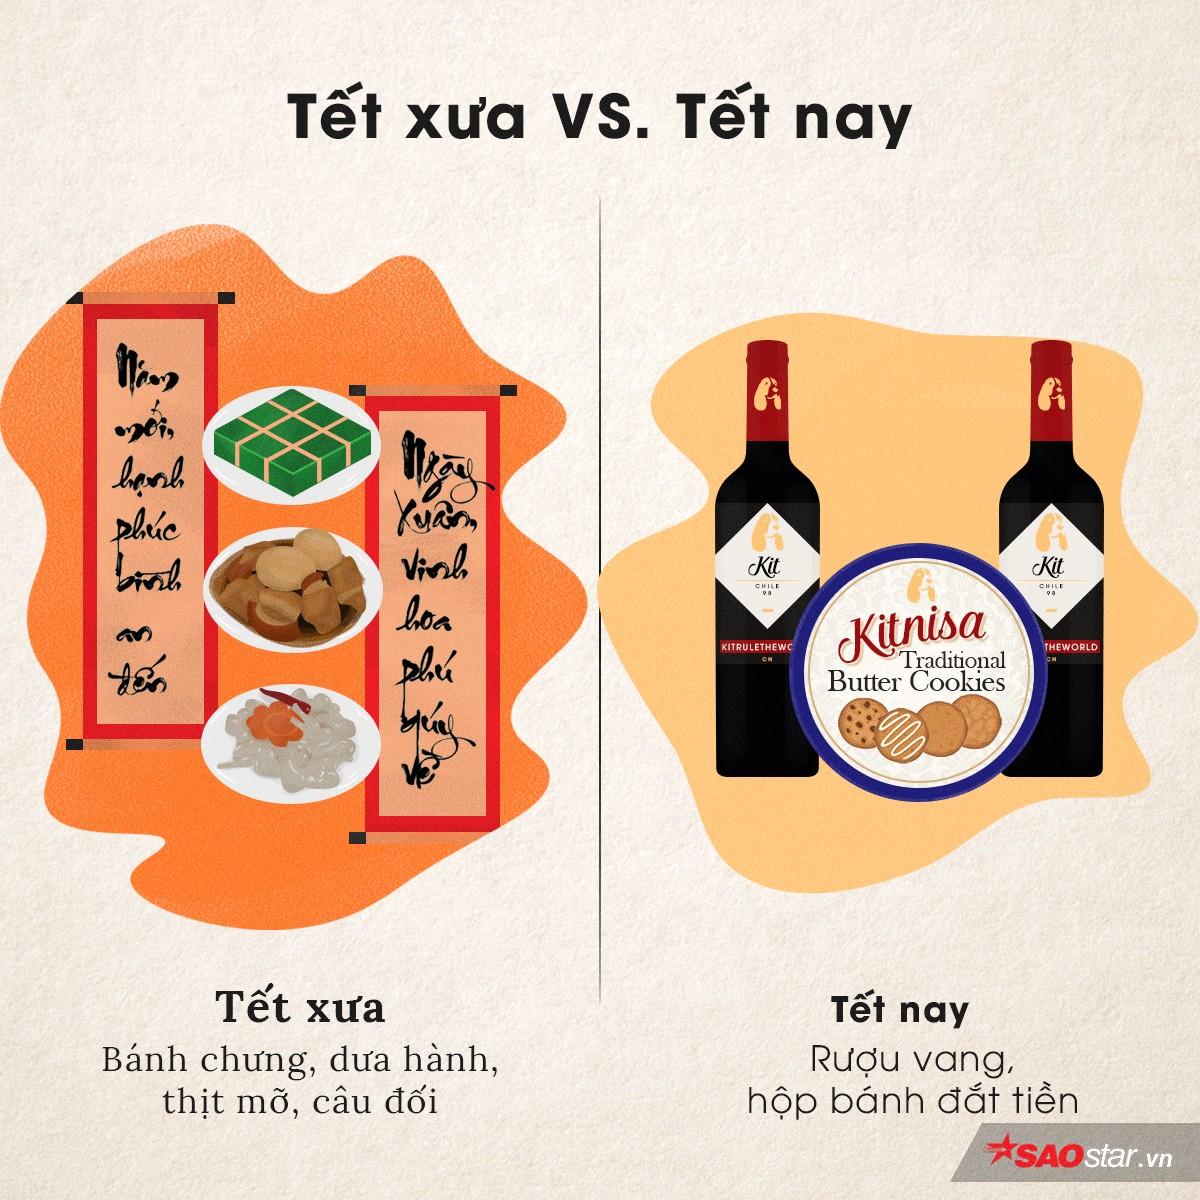 Tết xưa với đầy đủ hương vị truyền thống bánh chưng, dưa hành, thịt mỡ… còn Tết nay lại là sự lên ngôi của bánh sang, rượu ngoại đắt tiền…